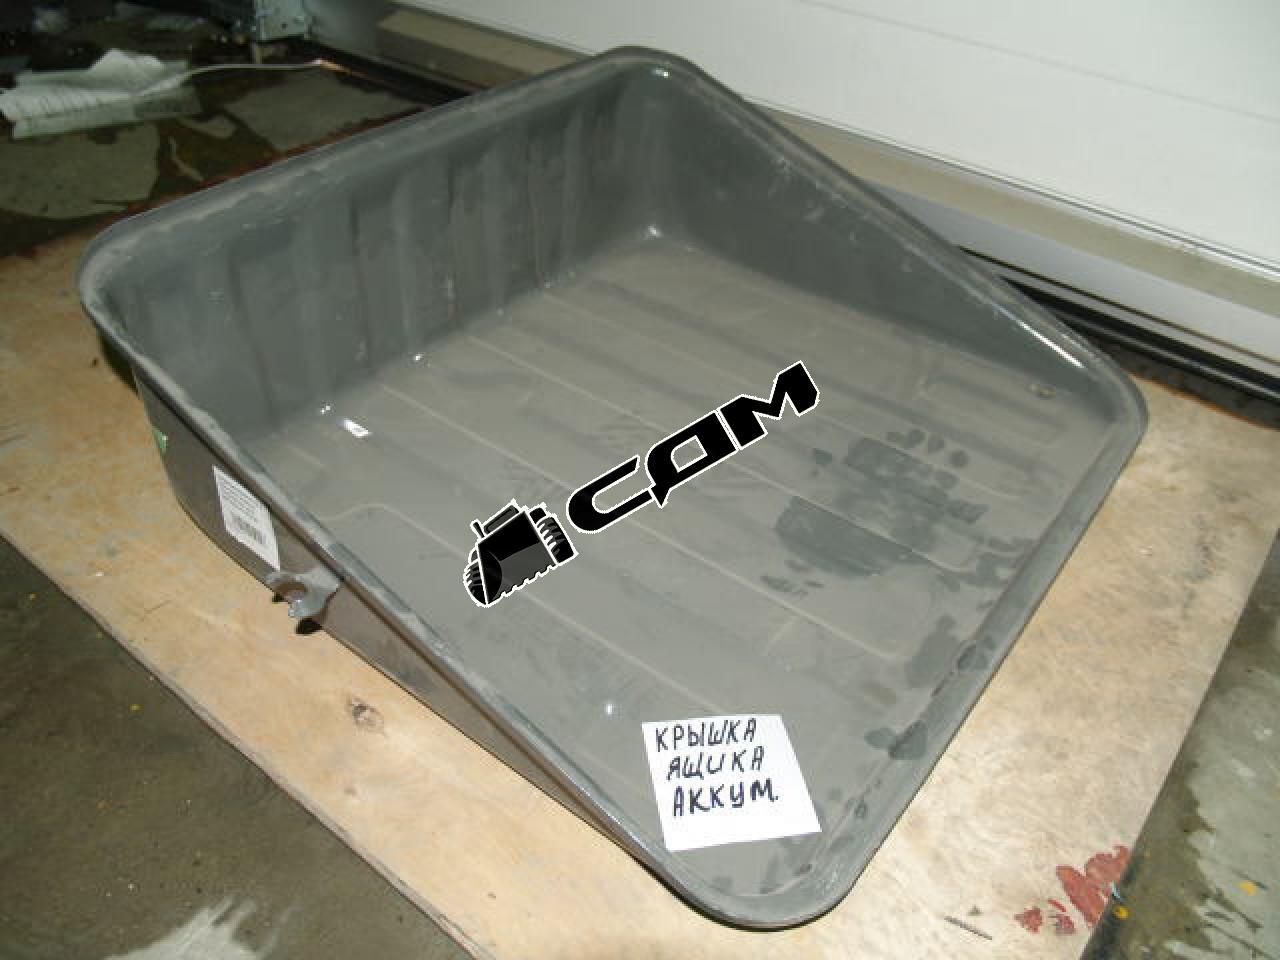 Крышка ящика аккумулятора металлическая  WG9100760002